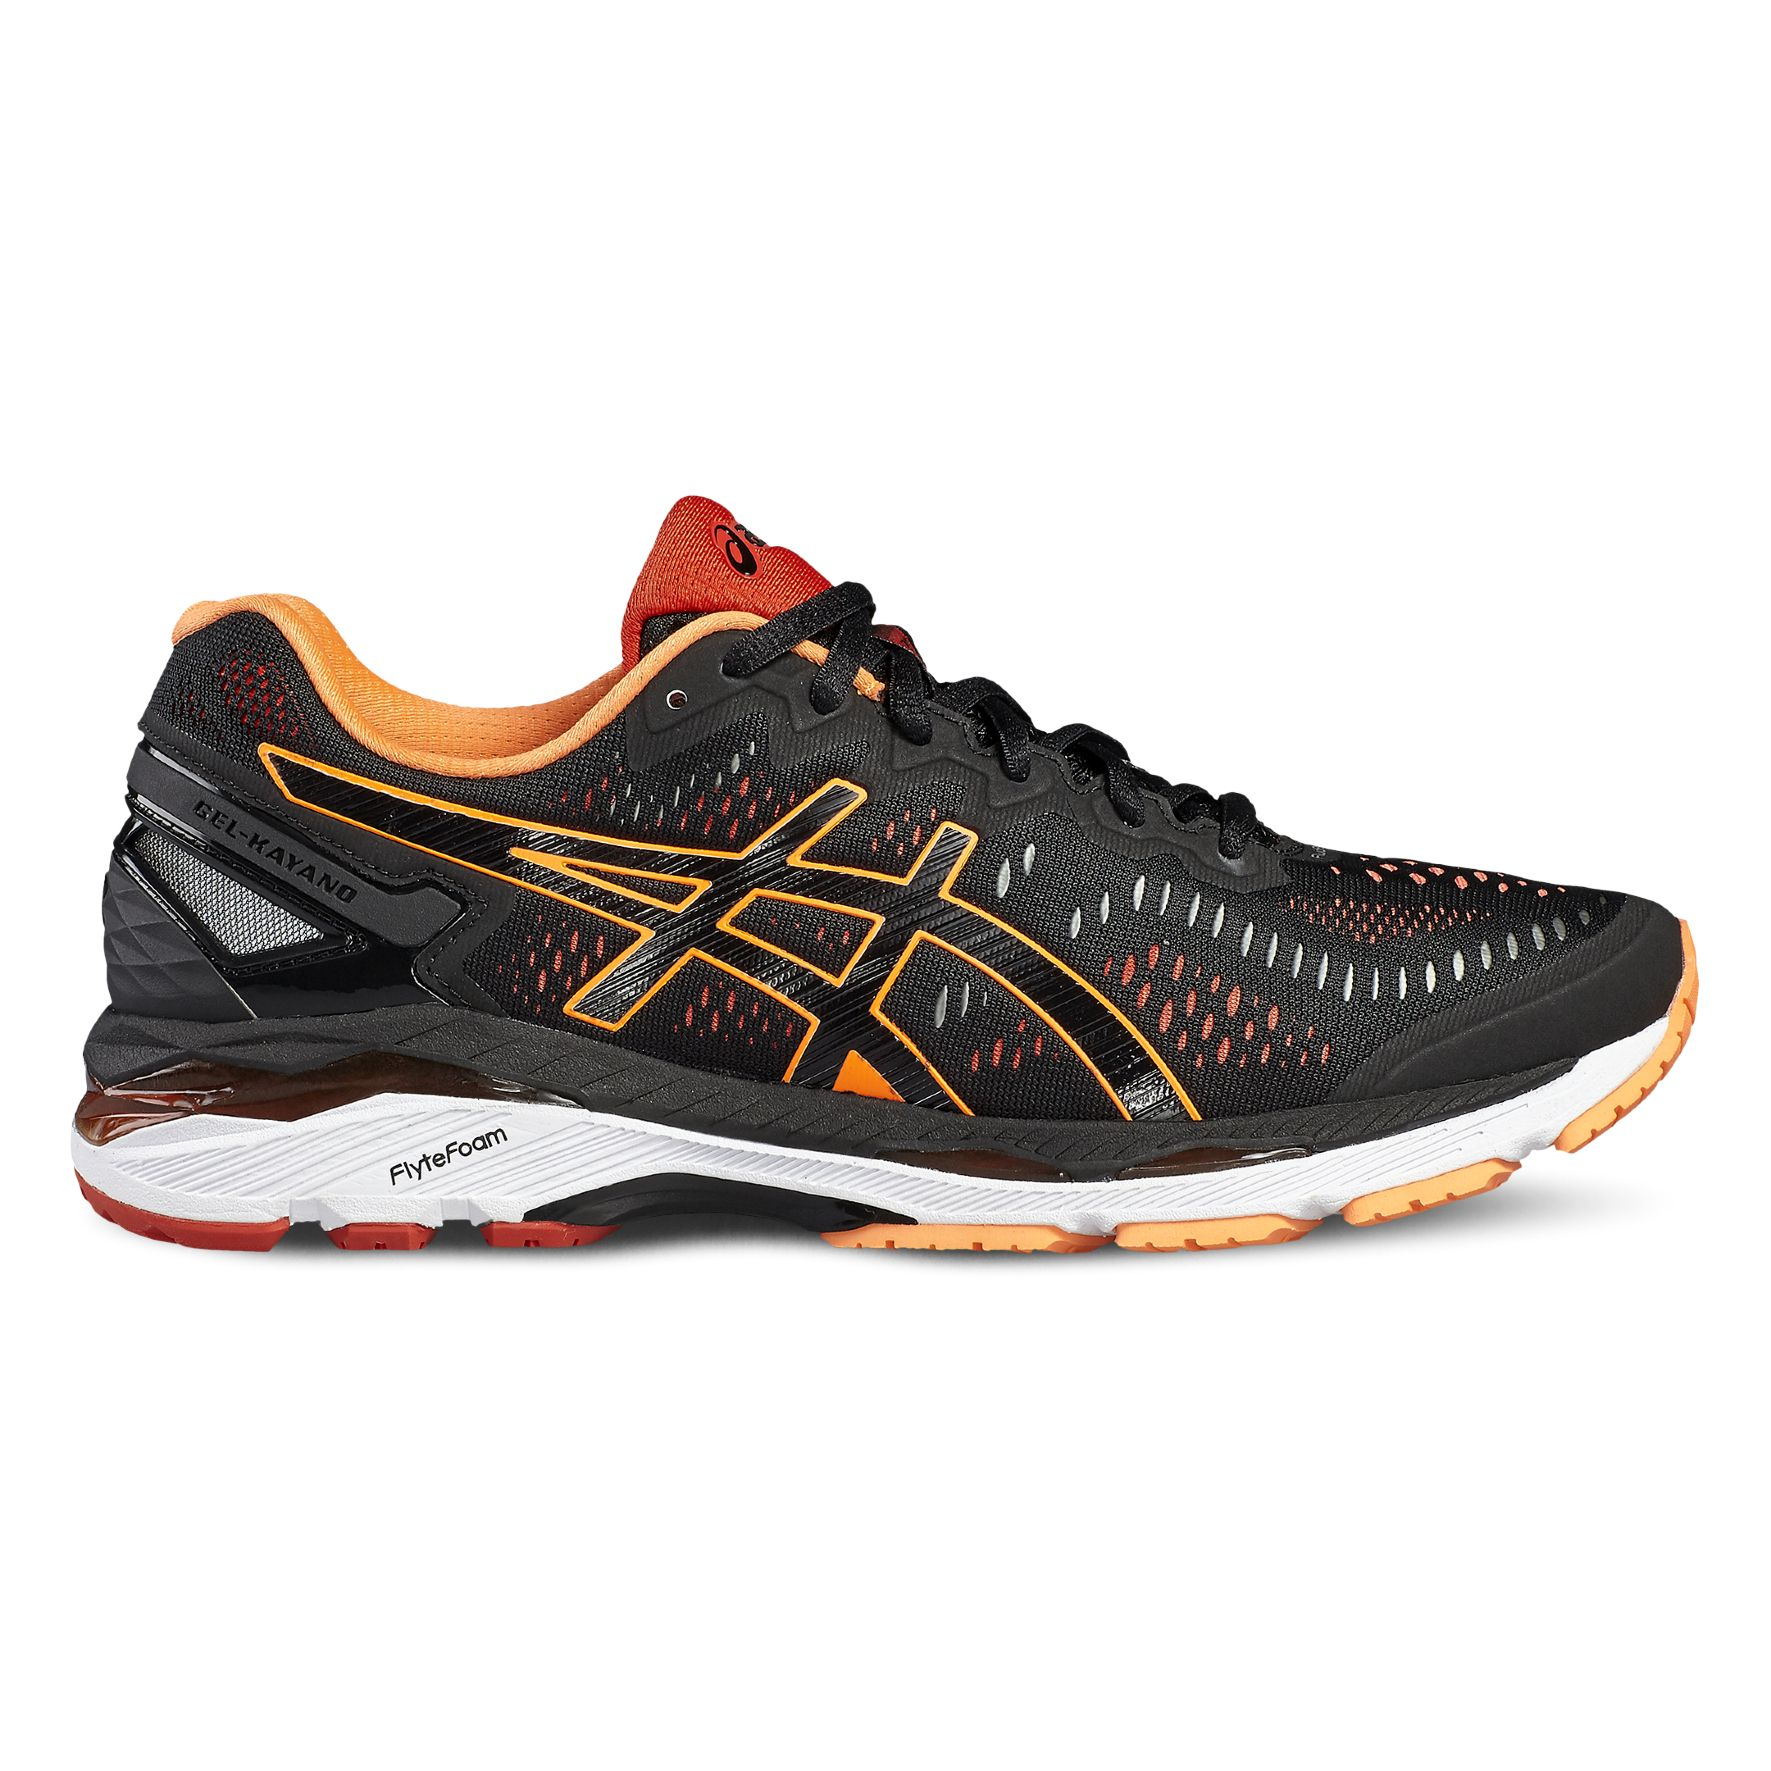 Asics Kayano Running Shoes